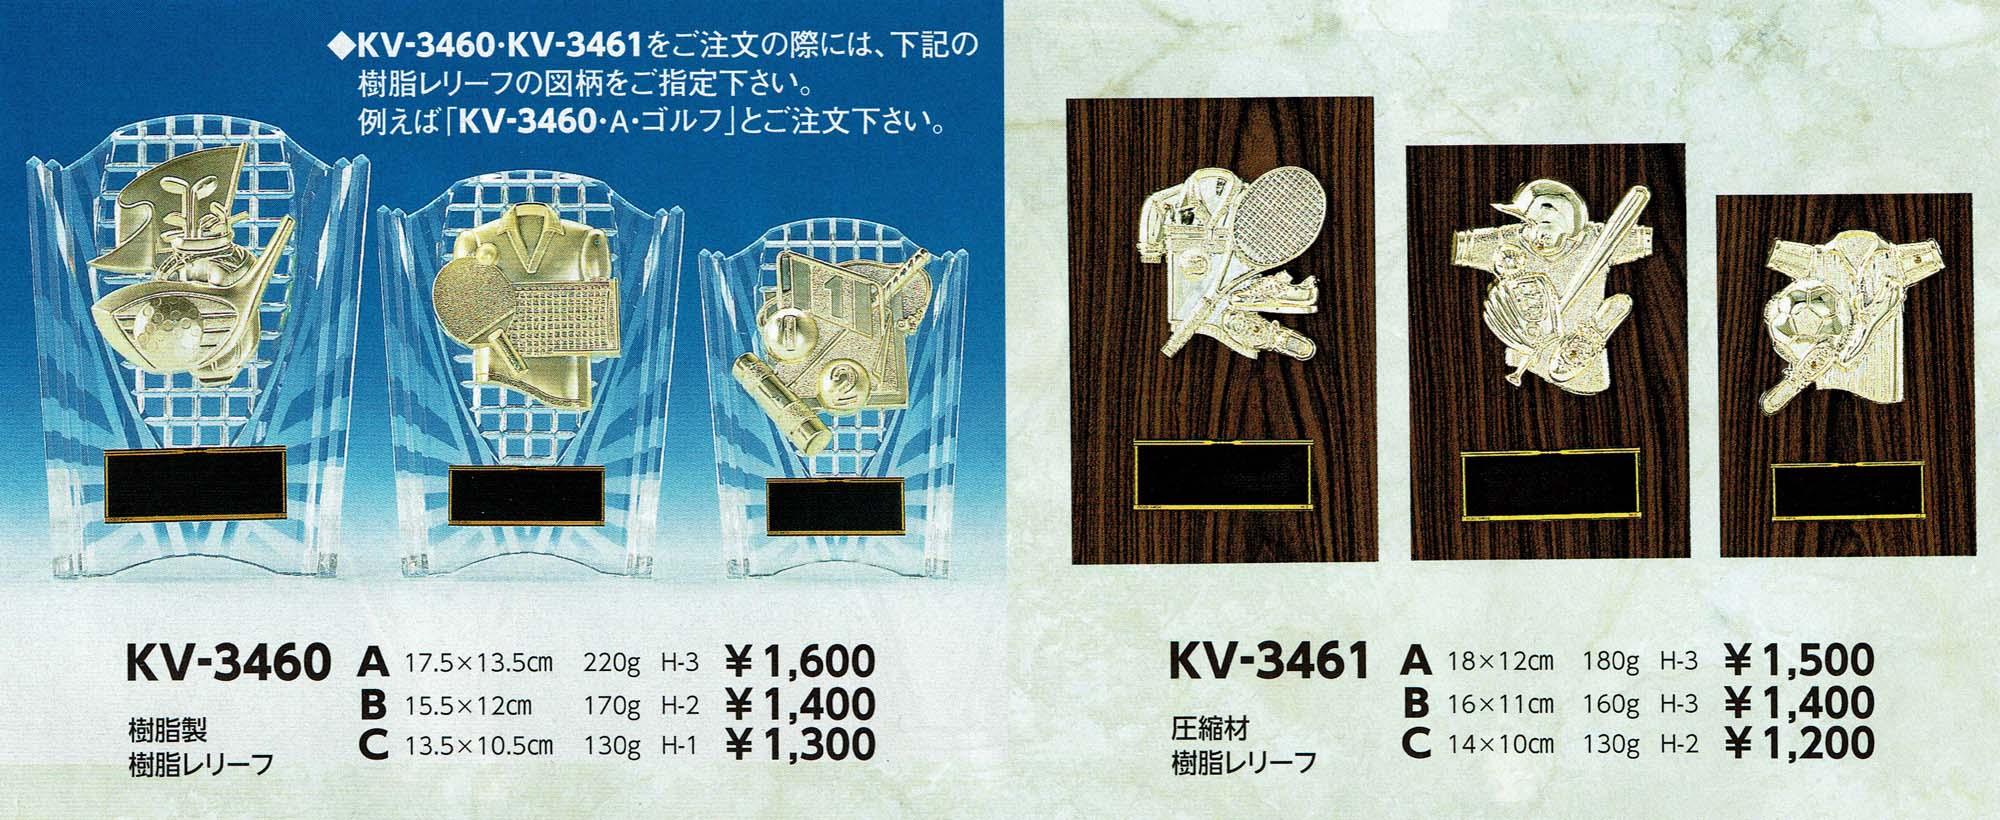 KV3460、KV3461